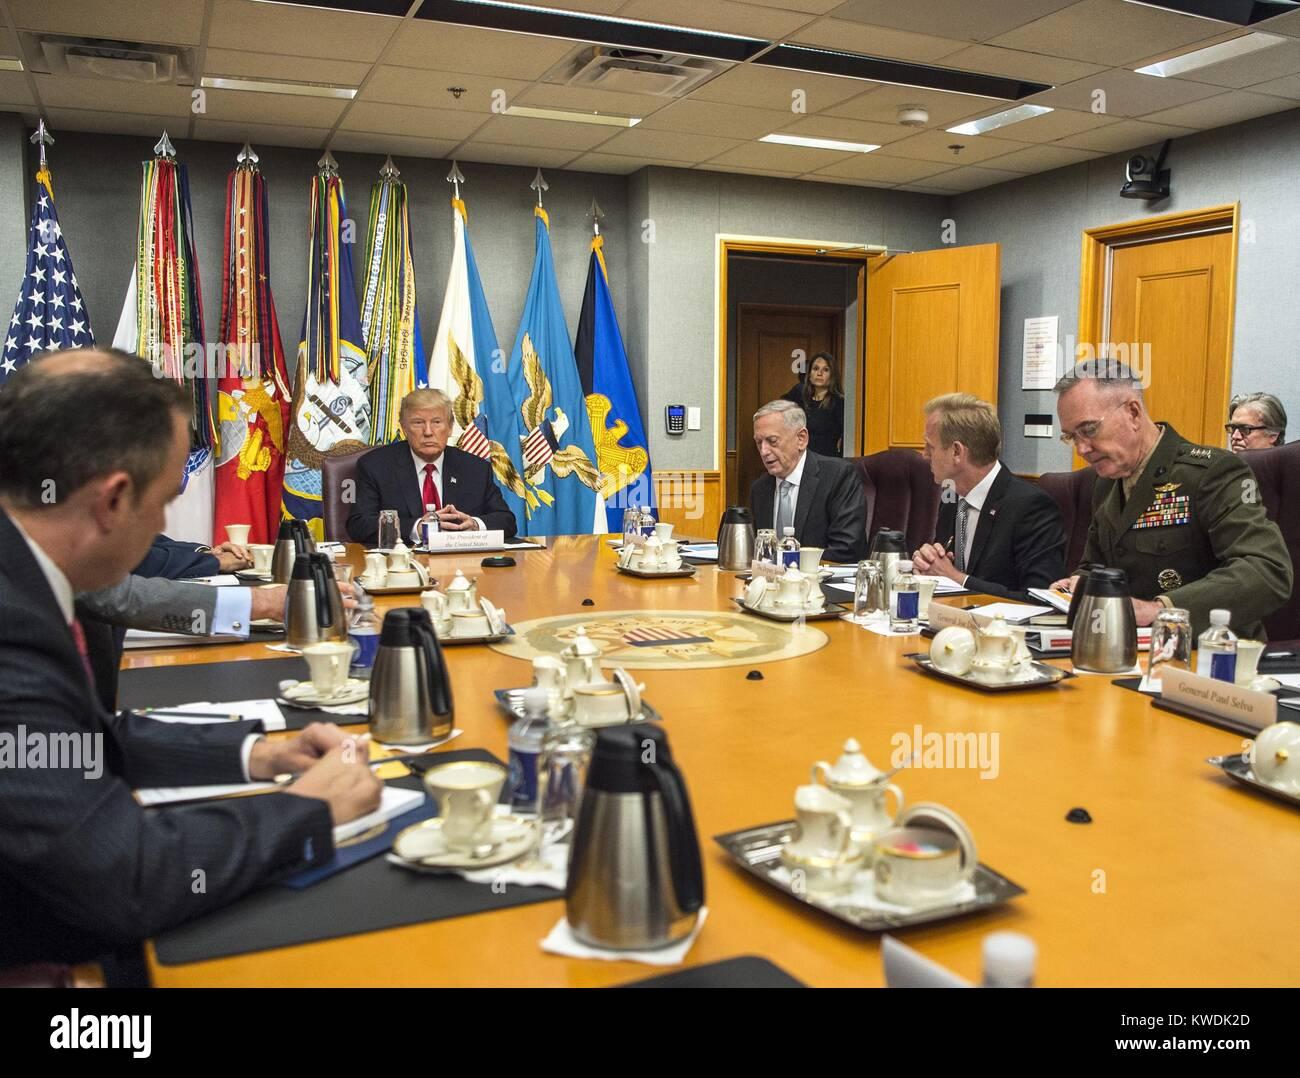 Präsident Donald Trump trifft sich mit den Nationalen Sicherheitsrat im Pentagon, 20. Juli 2017 (BSLOC_2017 Stockbild